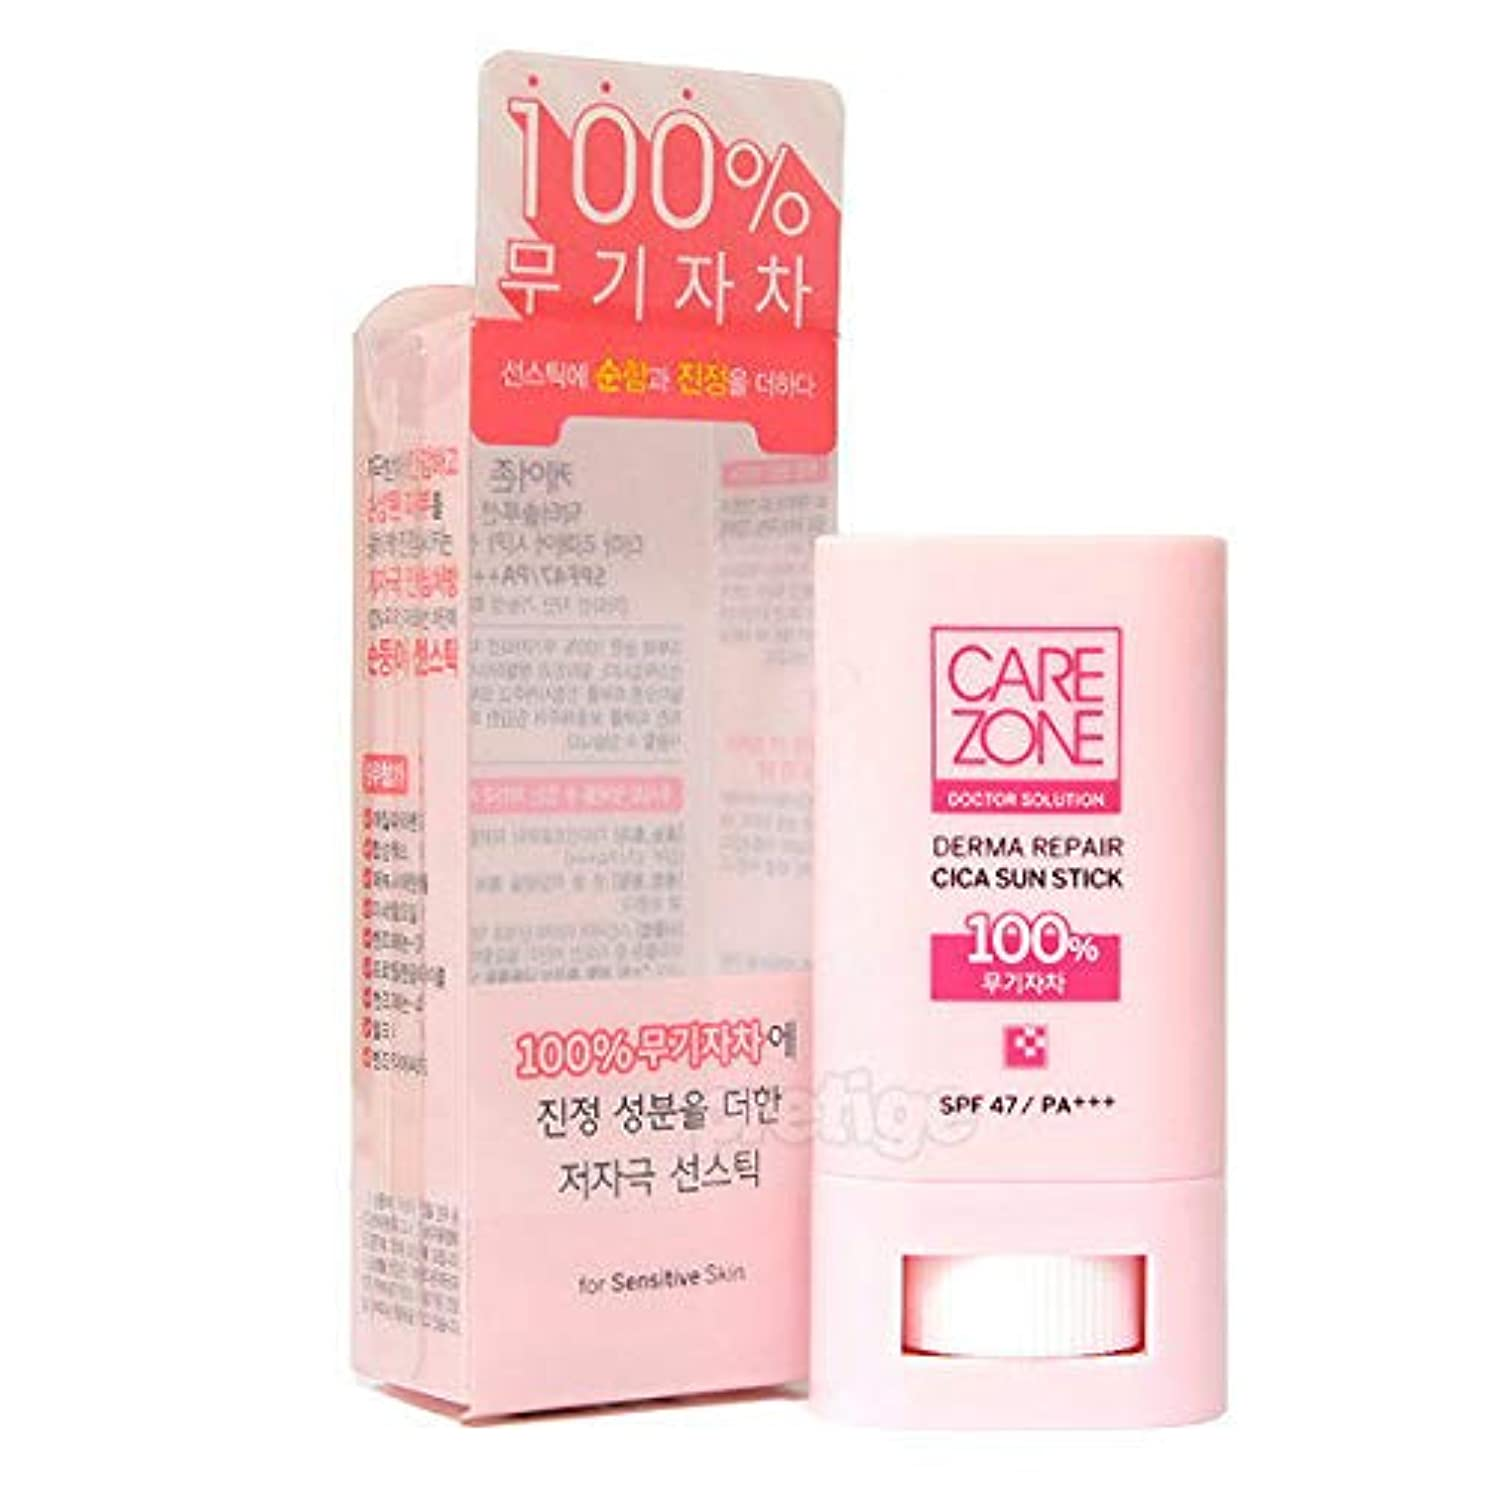 だます設計図熟練したCAREZONE ケアゾーン Doctor Solution Derma Repair Cica Sun Stick サンスティック (20g) SPF47/PA+++ CARE ZONE